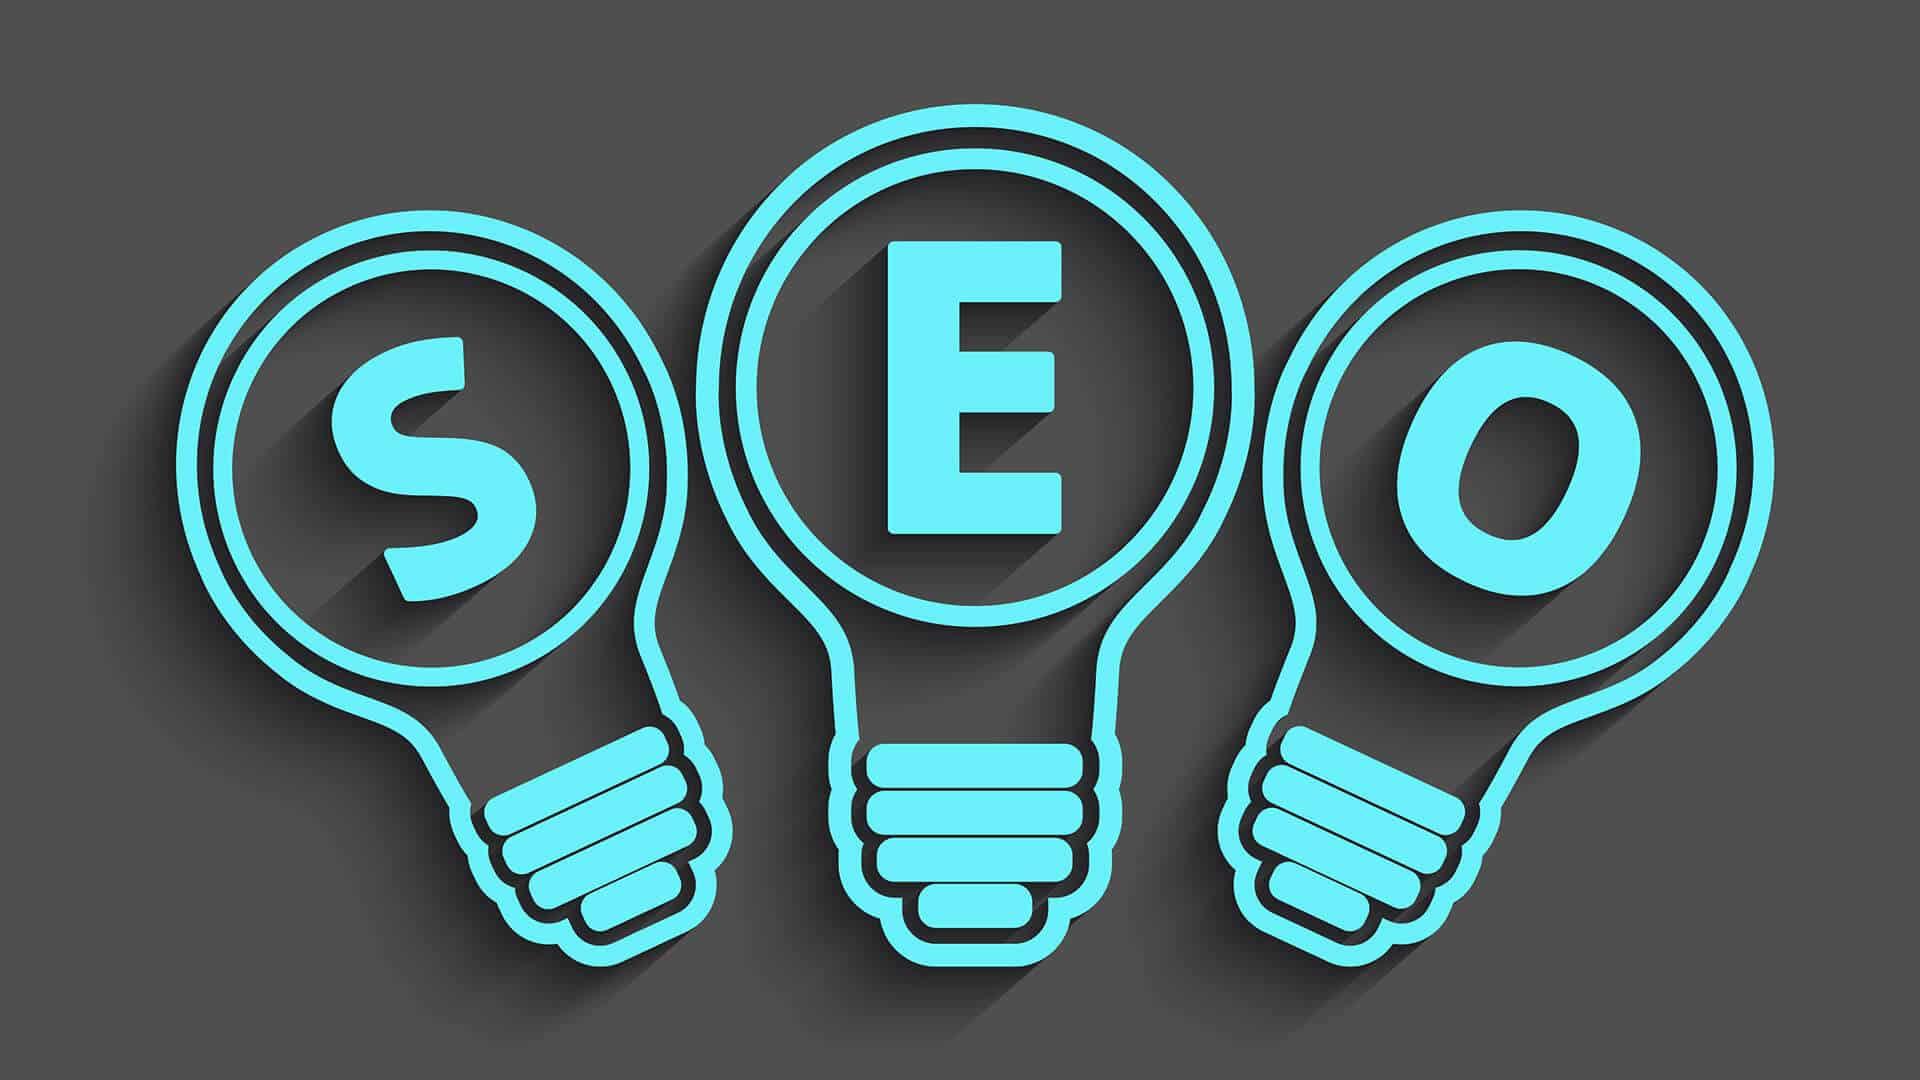 Les 5 fondamentaux du SEO pour classer son site en tête des SERP